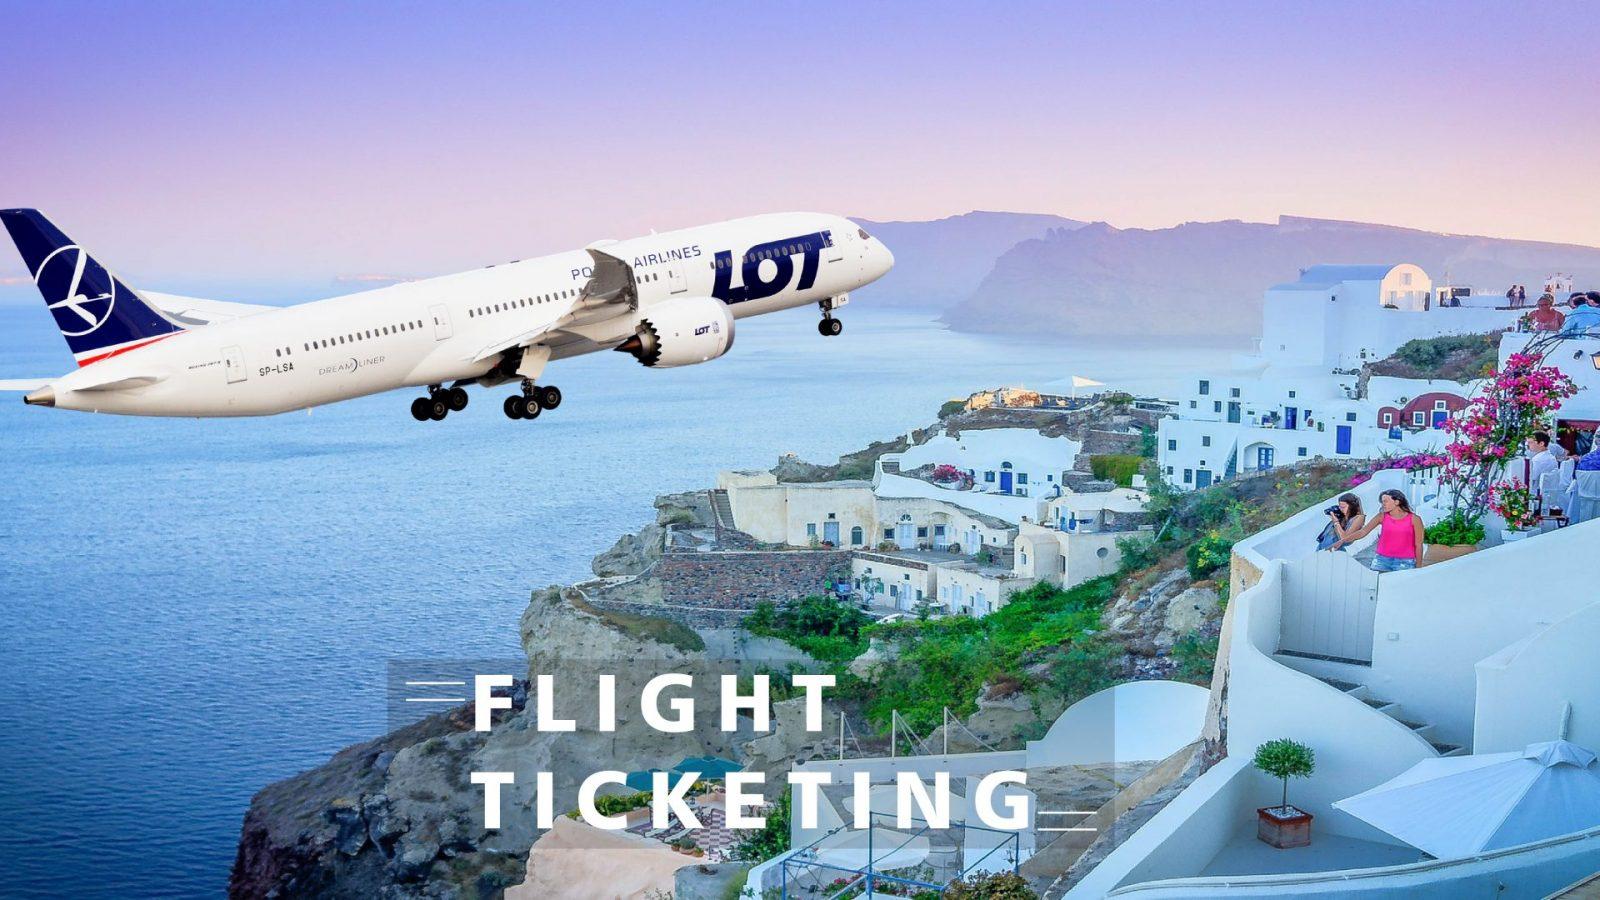 flight ticketing-01